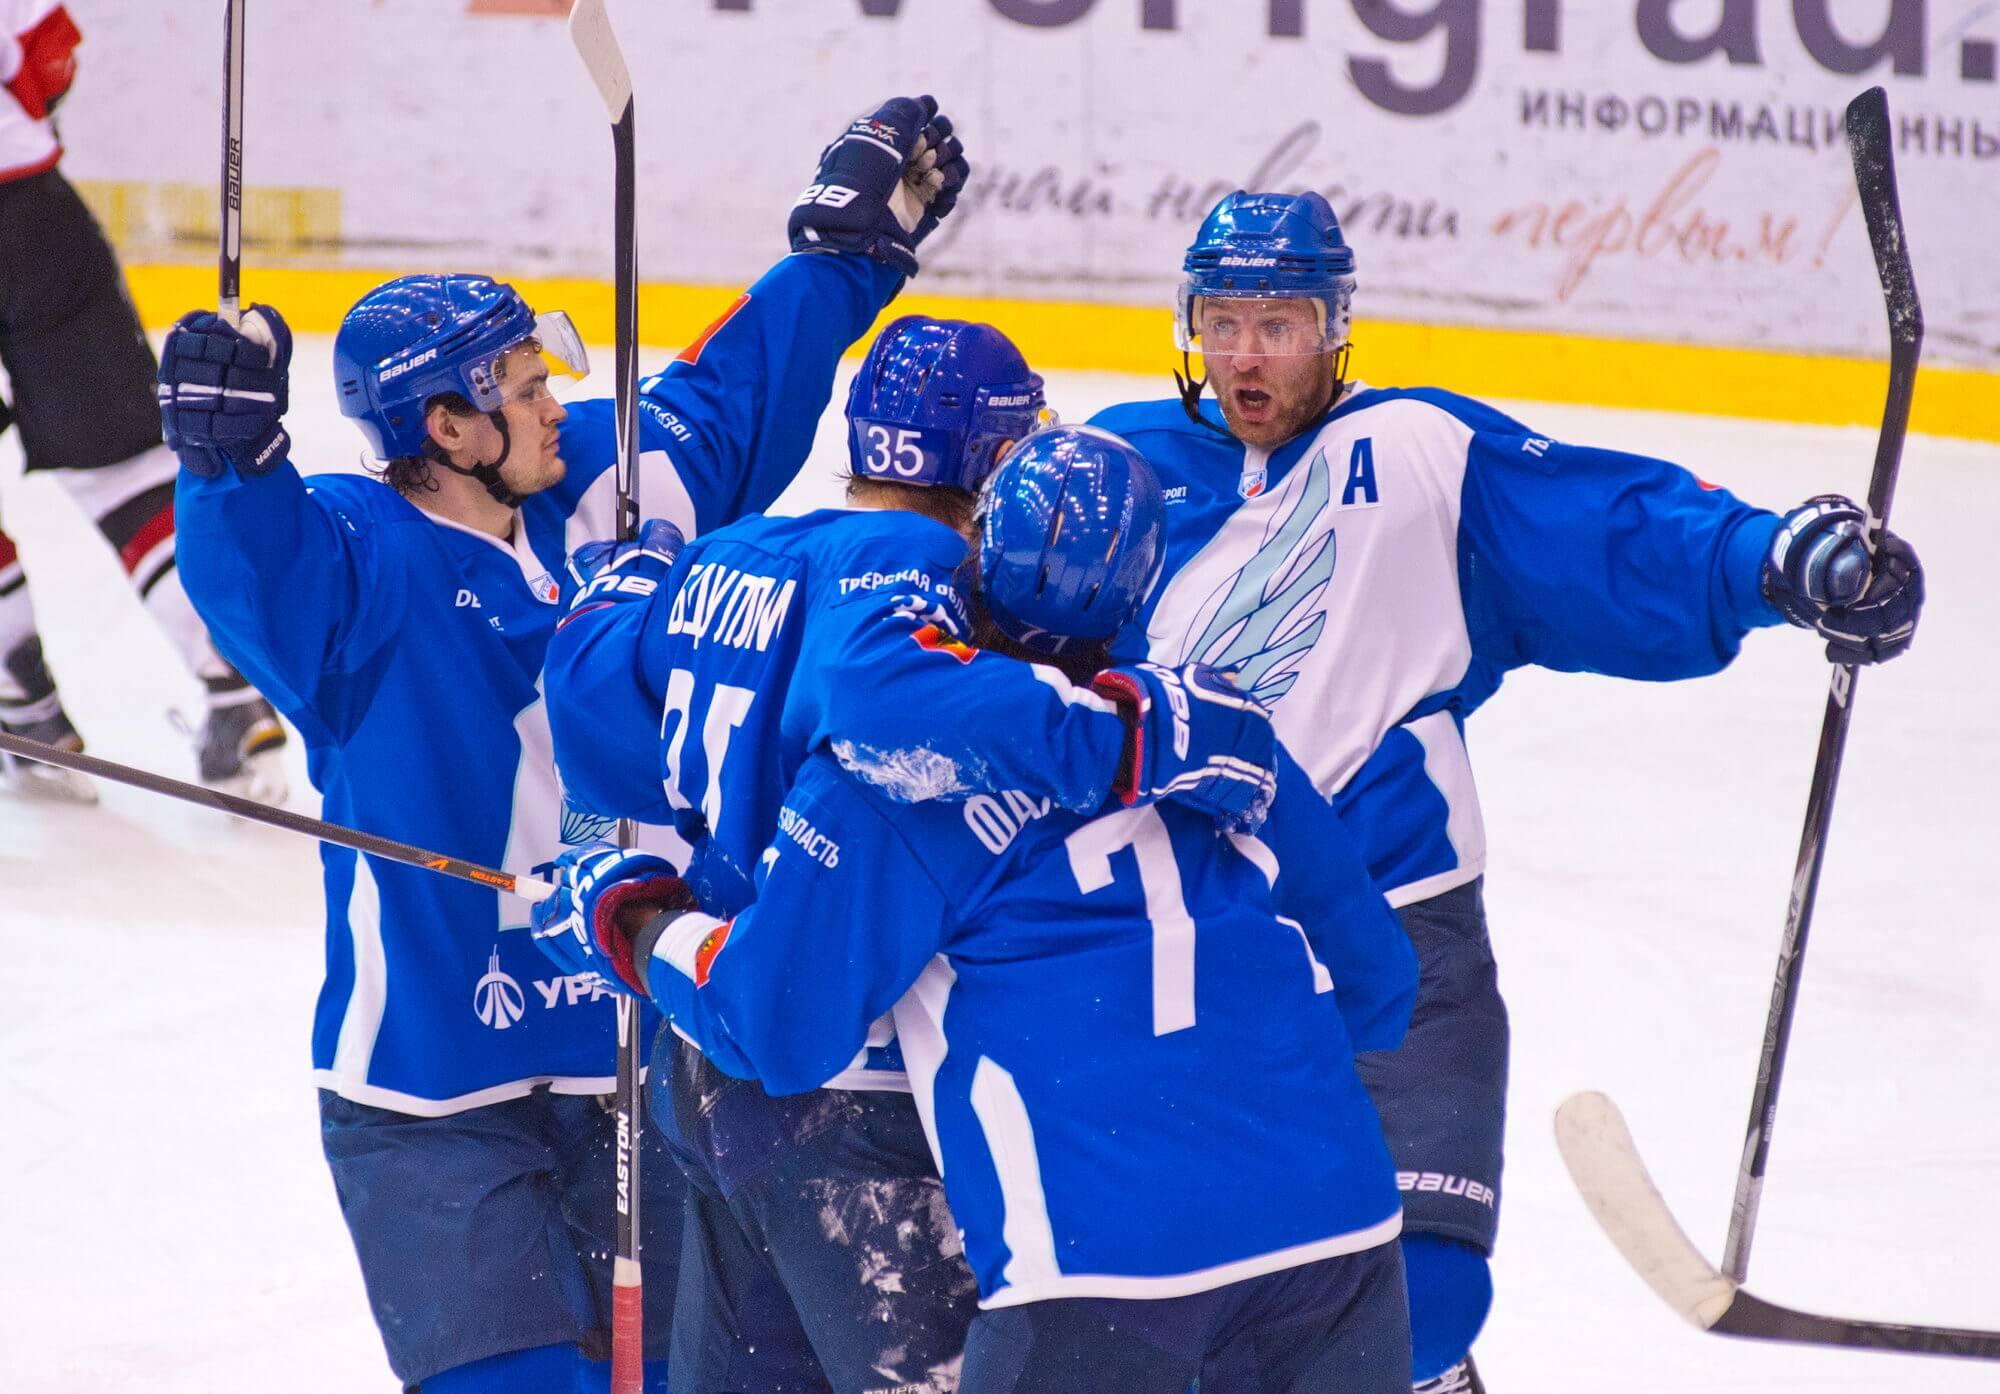 В августе пройдет хоккейный турнир на Кубок Губернатора Тверской области